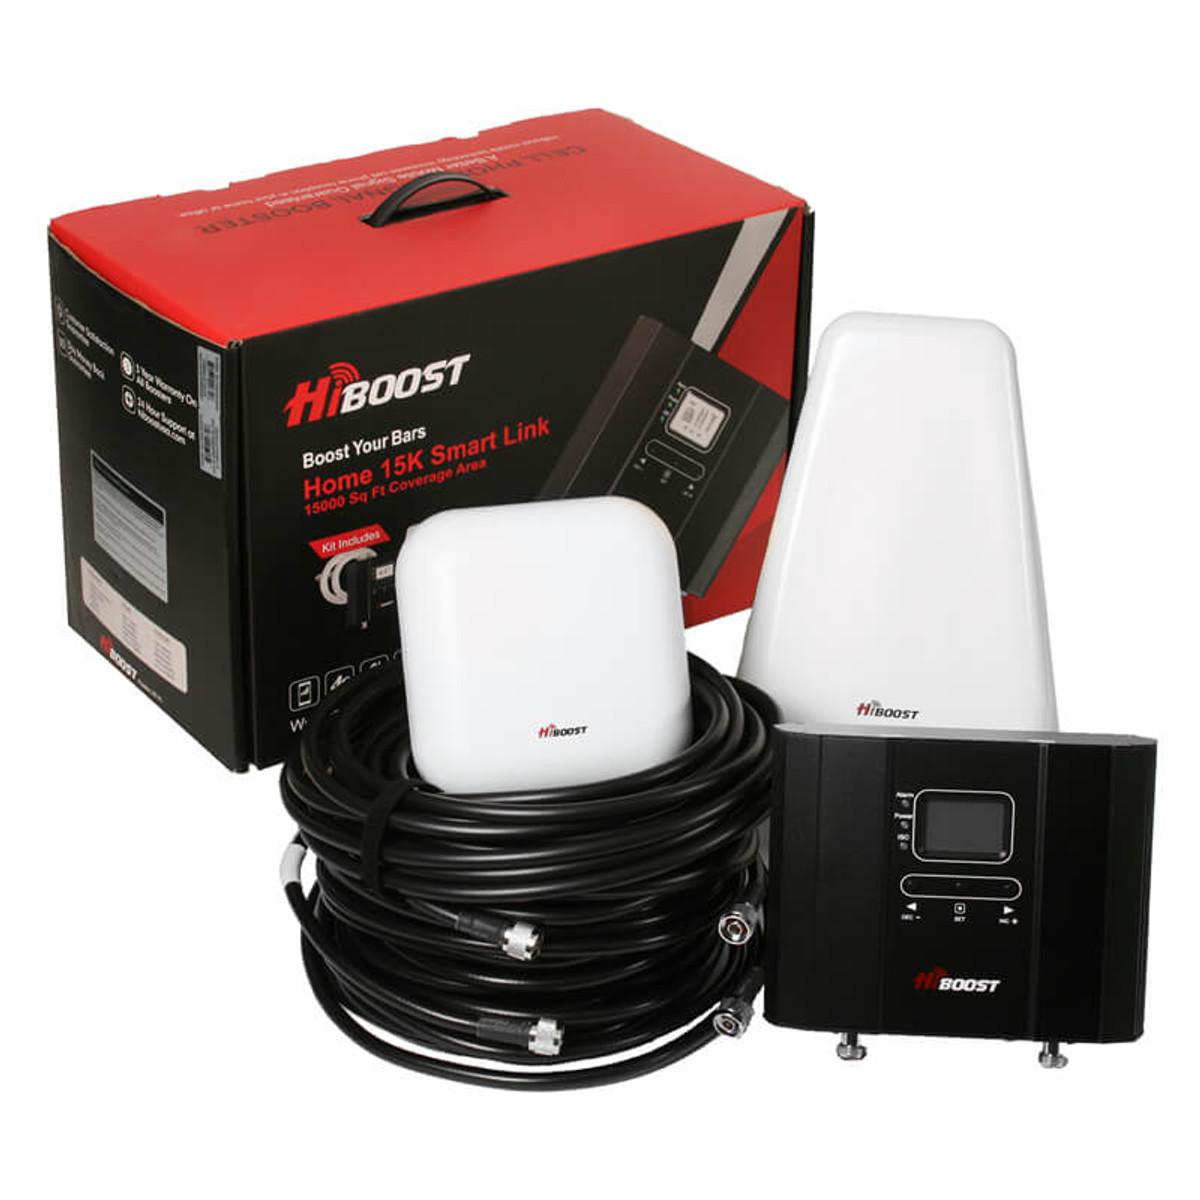 HiBoost Home 15K Smart Link Signal Booster Kit